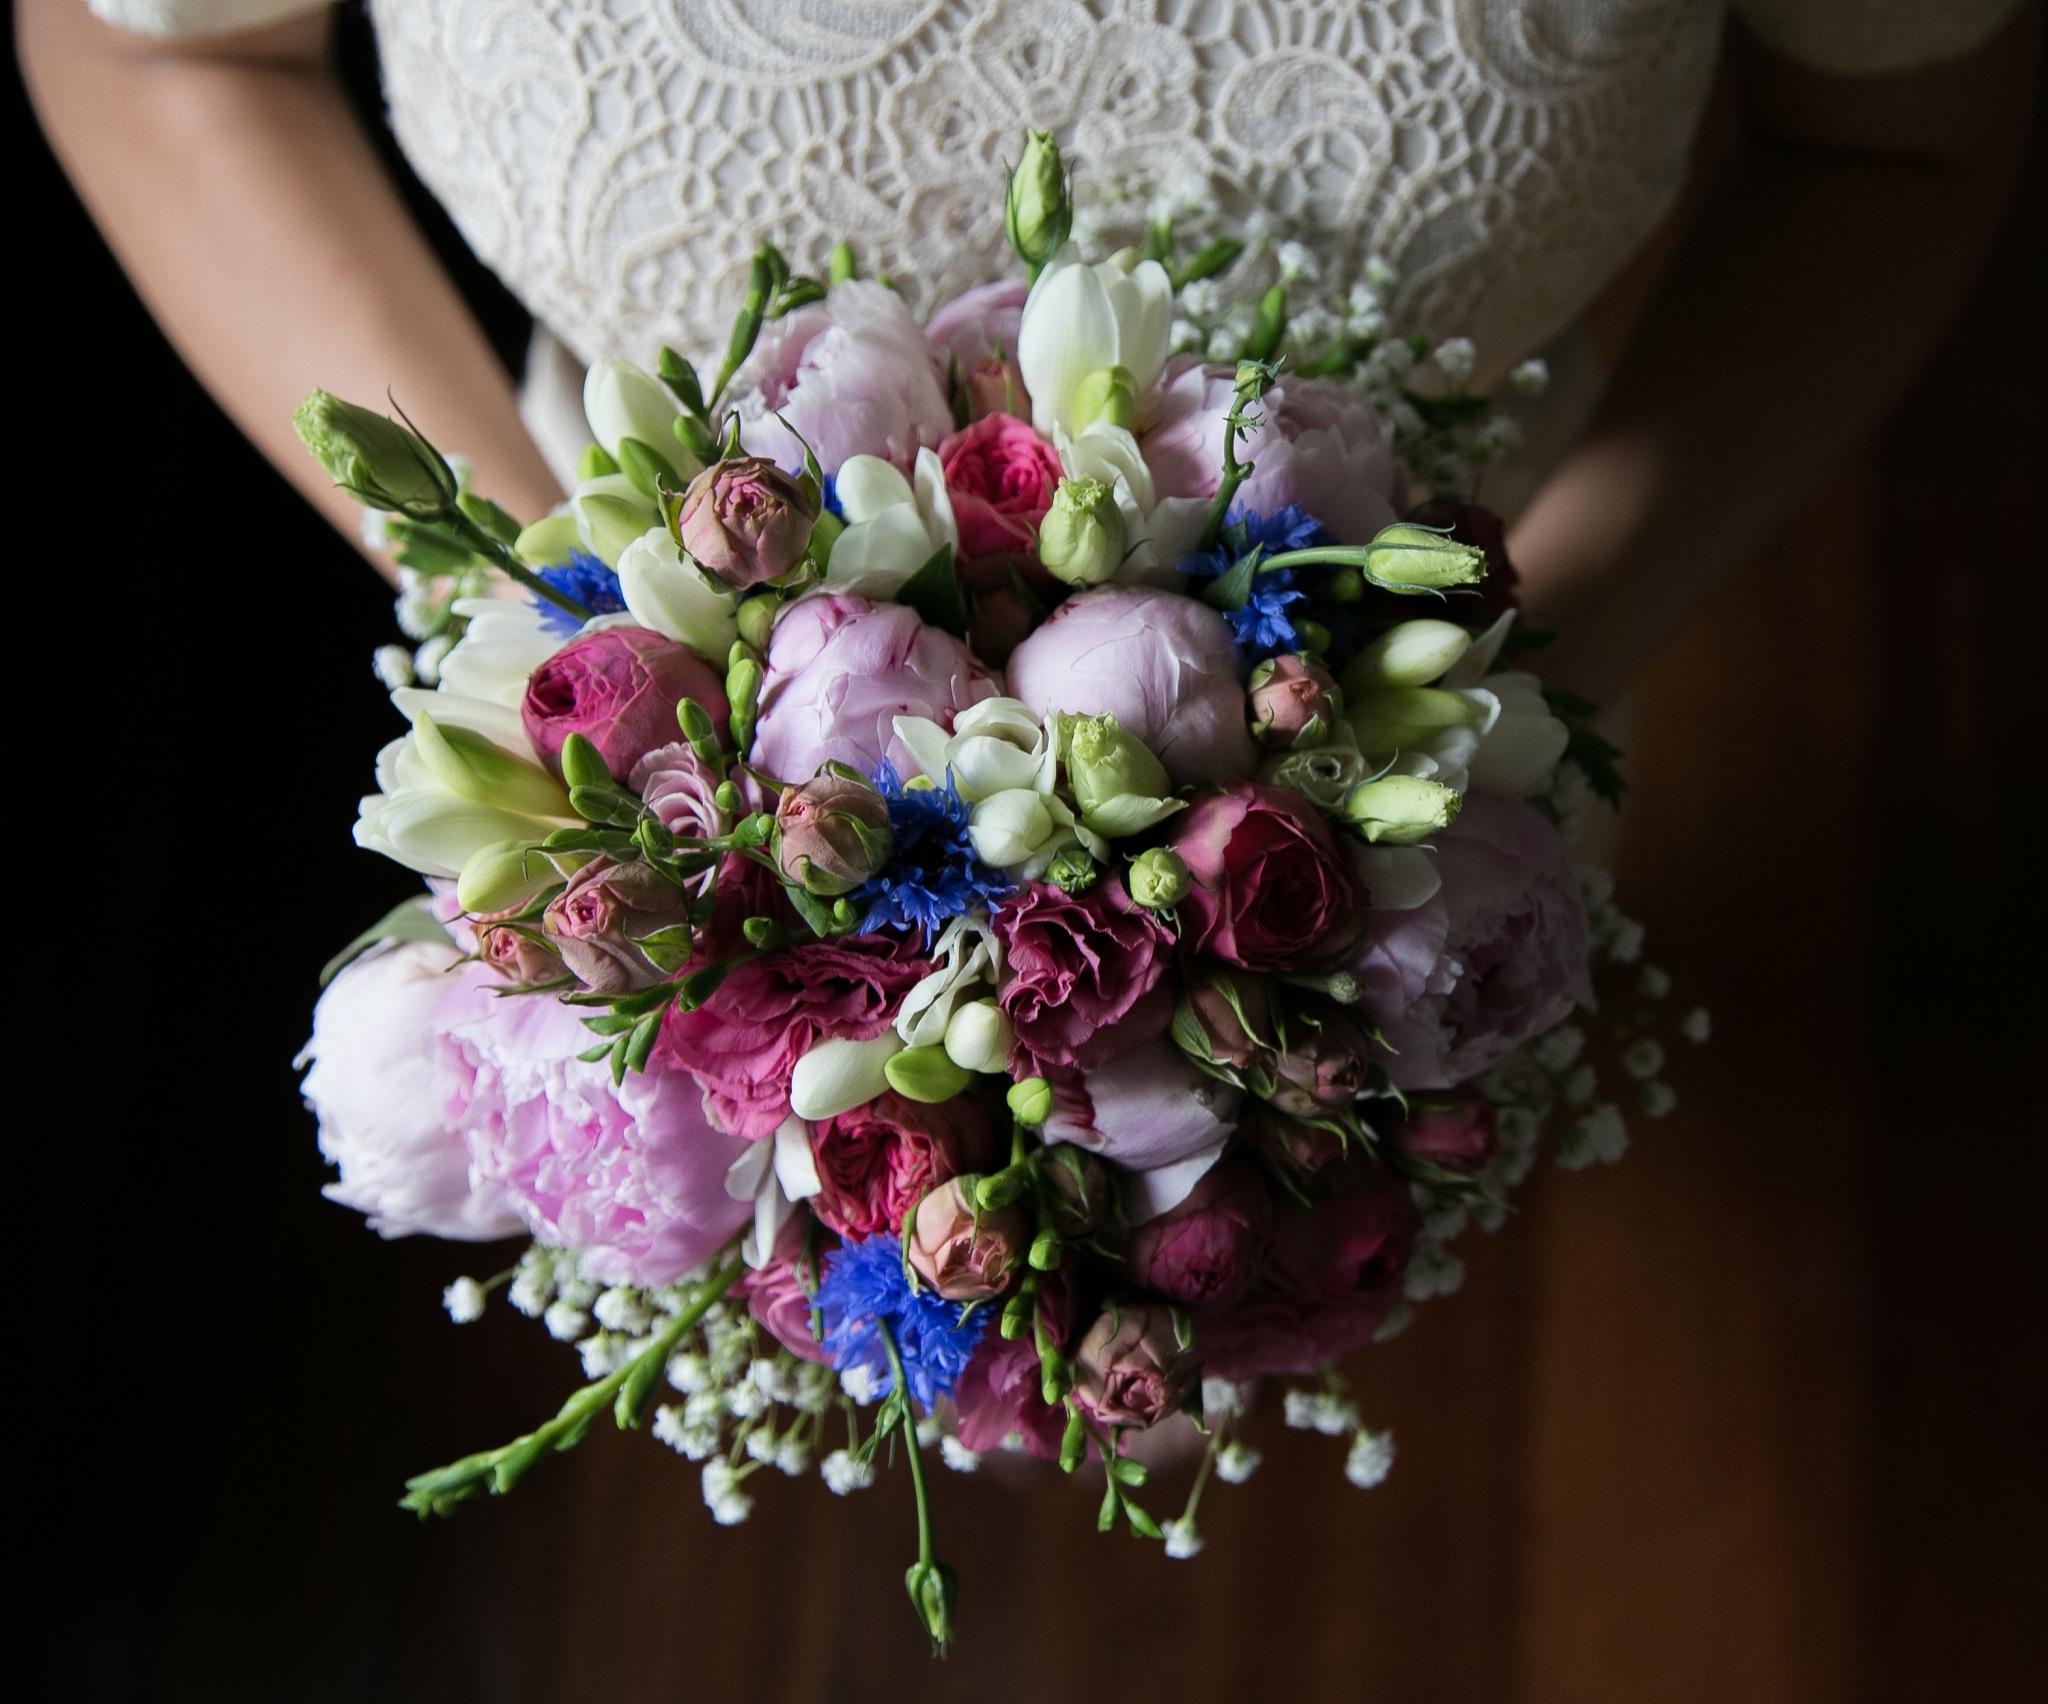 sarahs-flowers-9.jpg